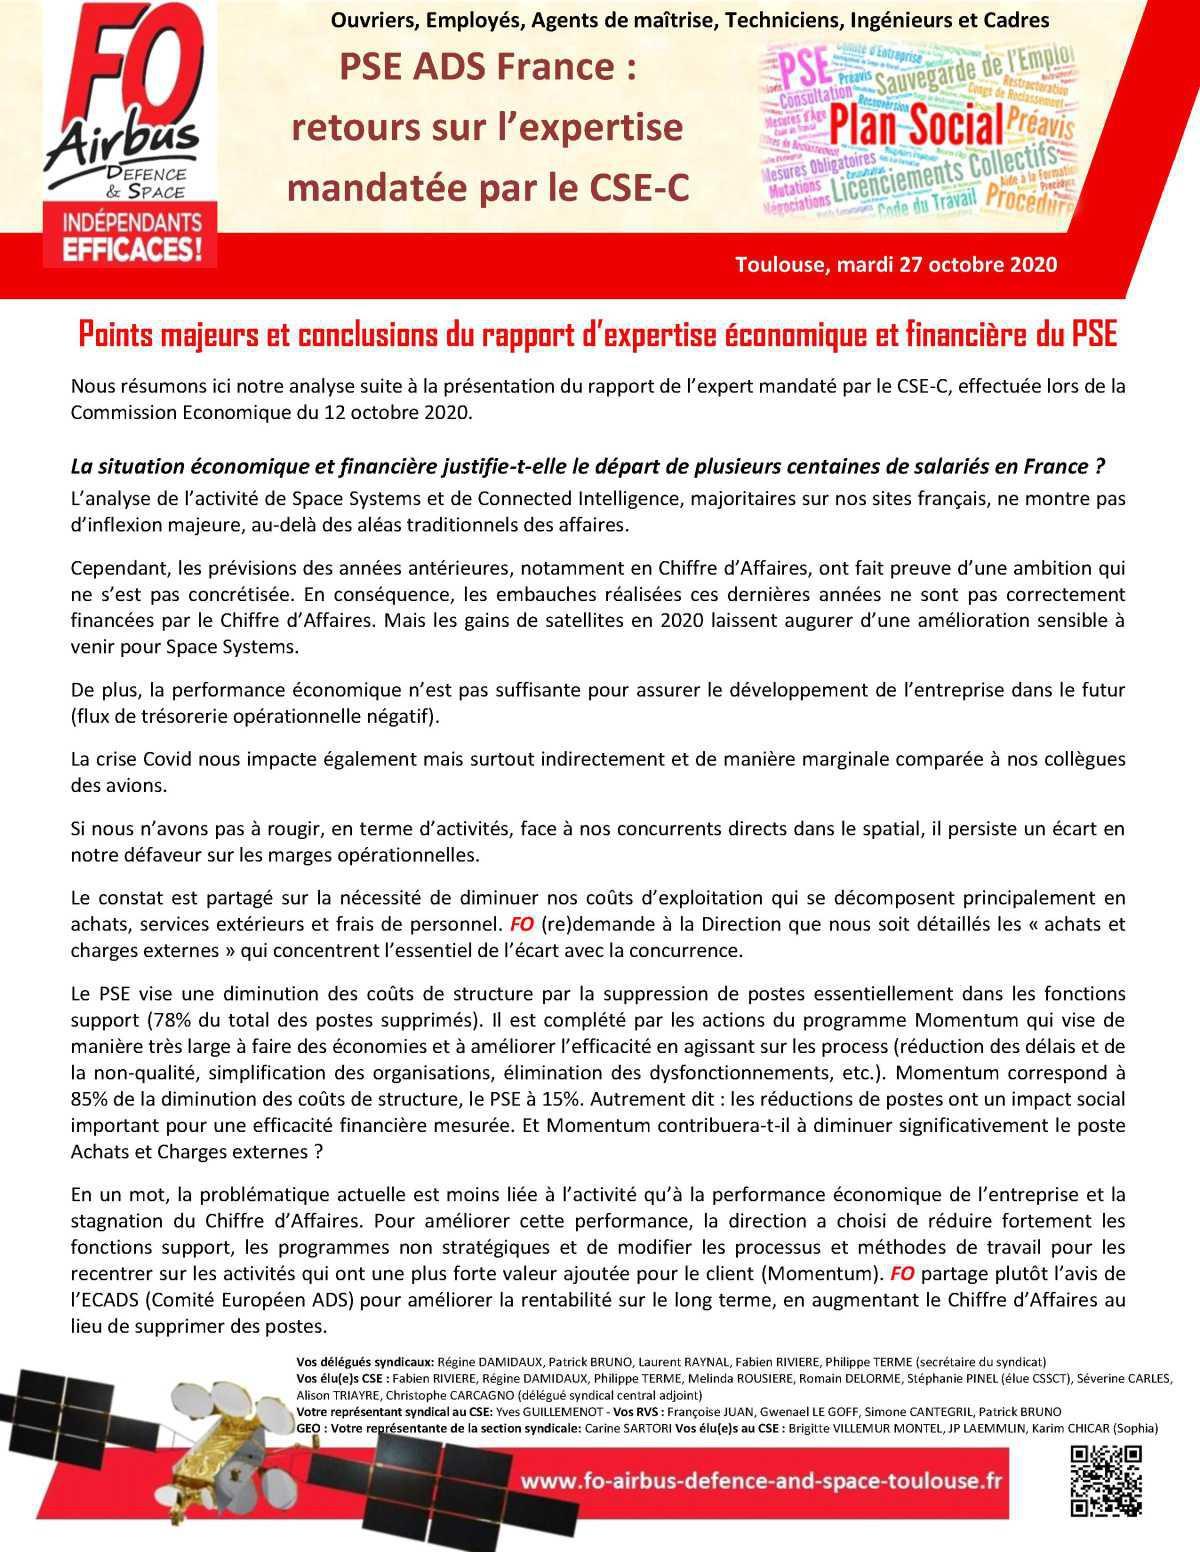 PSE ADS France : retours sur l'expertise mandatée par le CSE-C